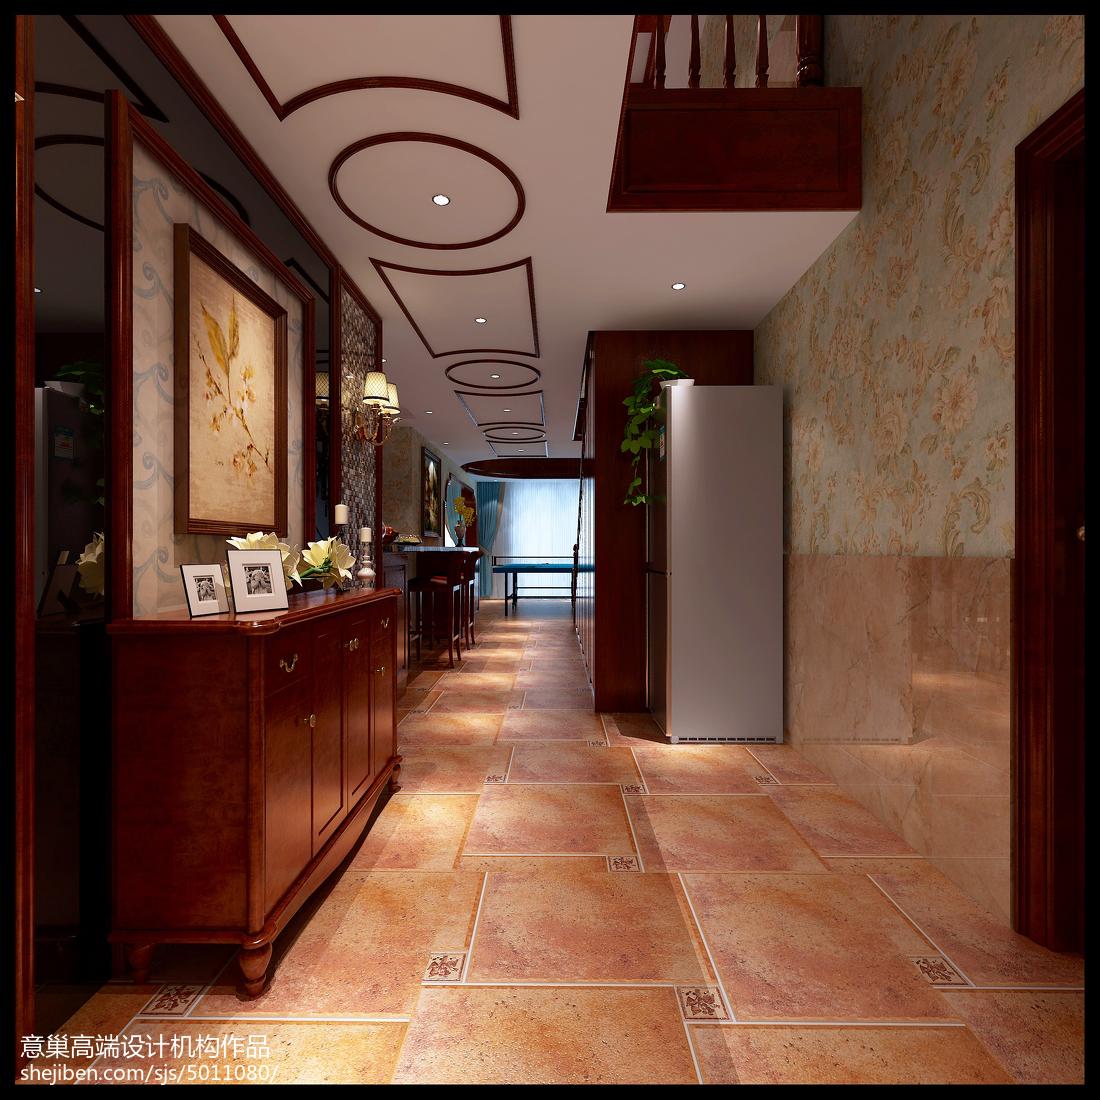 欢喜美式情怀功能区瓷砖美式经典功能区设计图片赏析